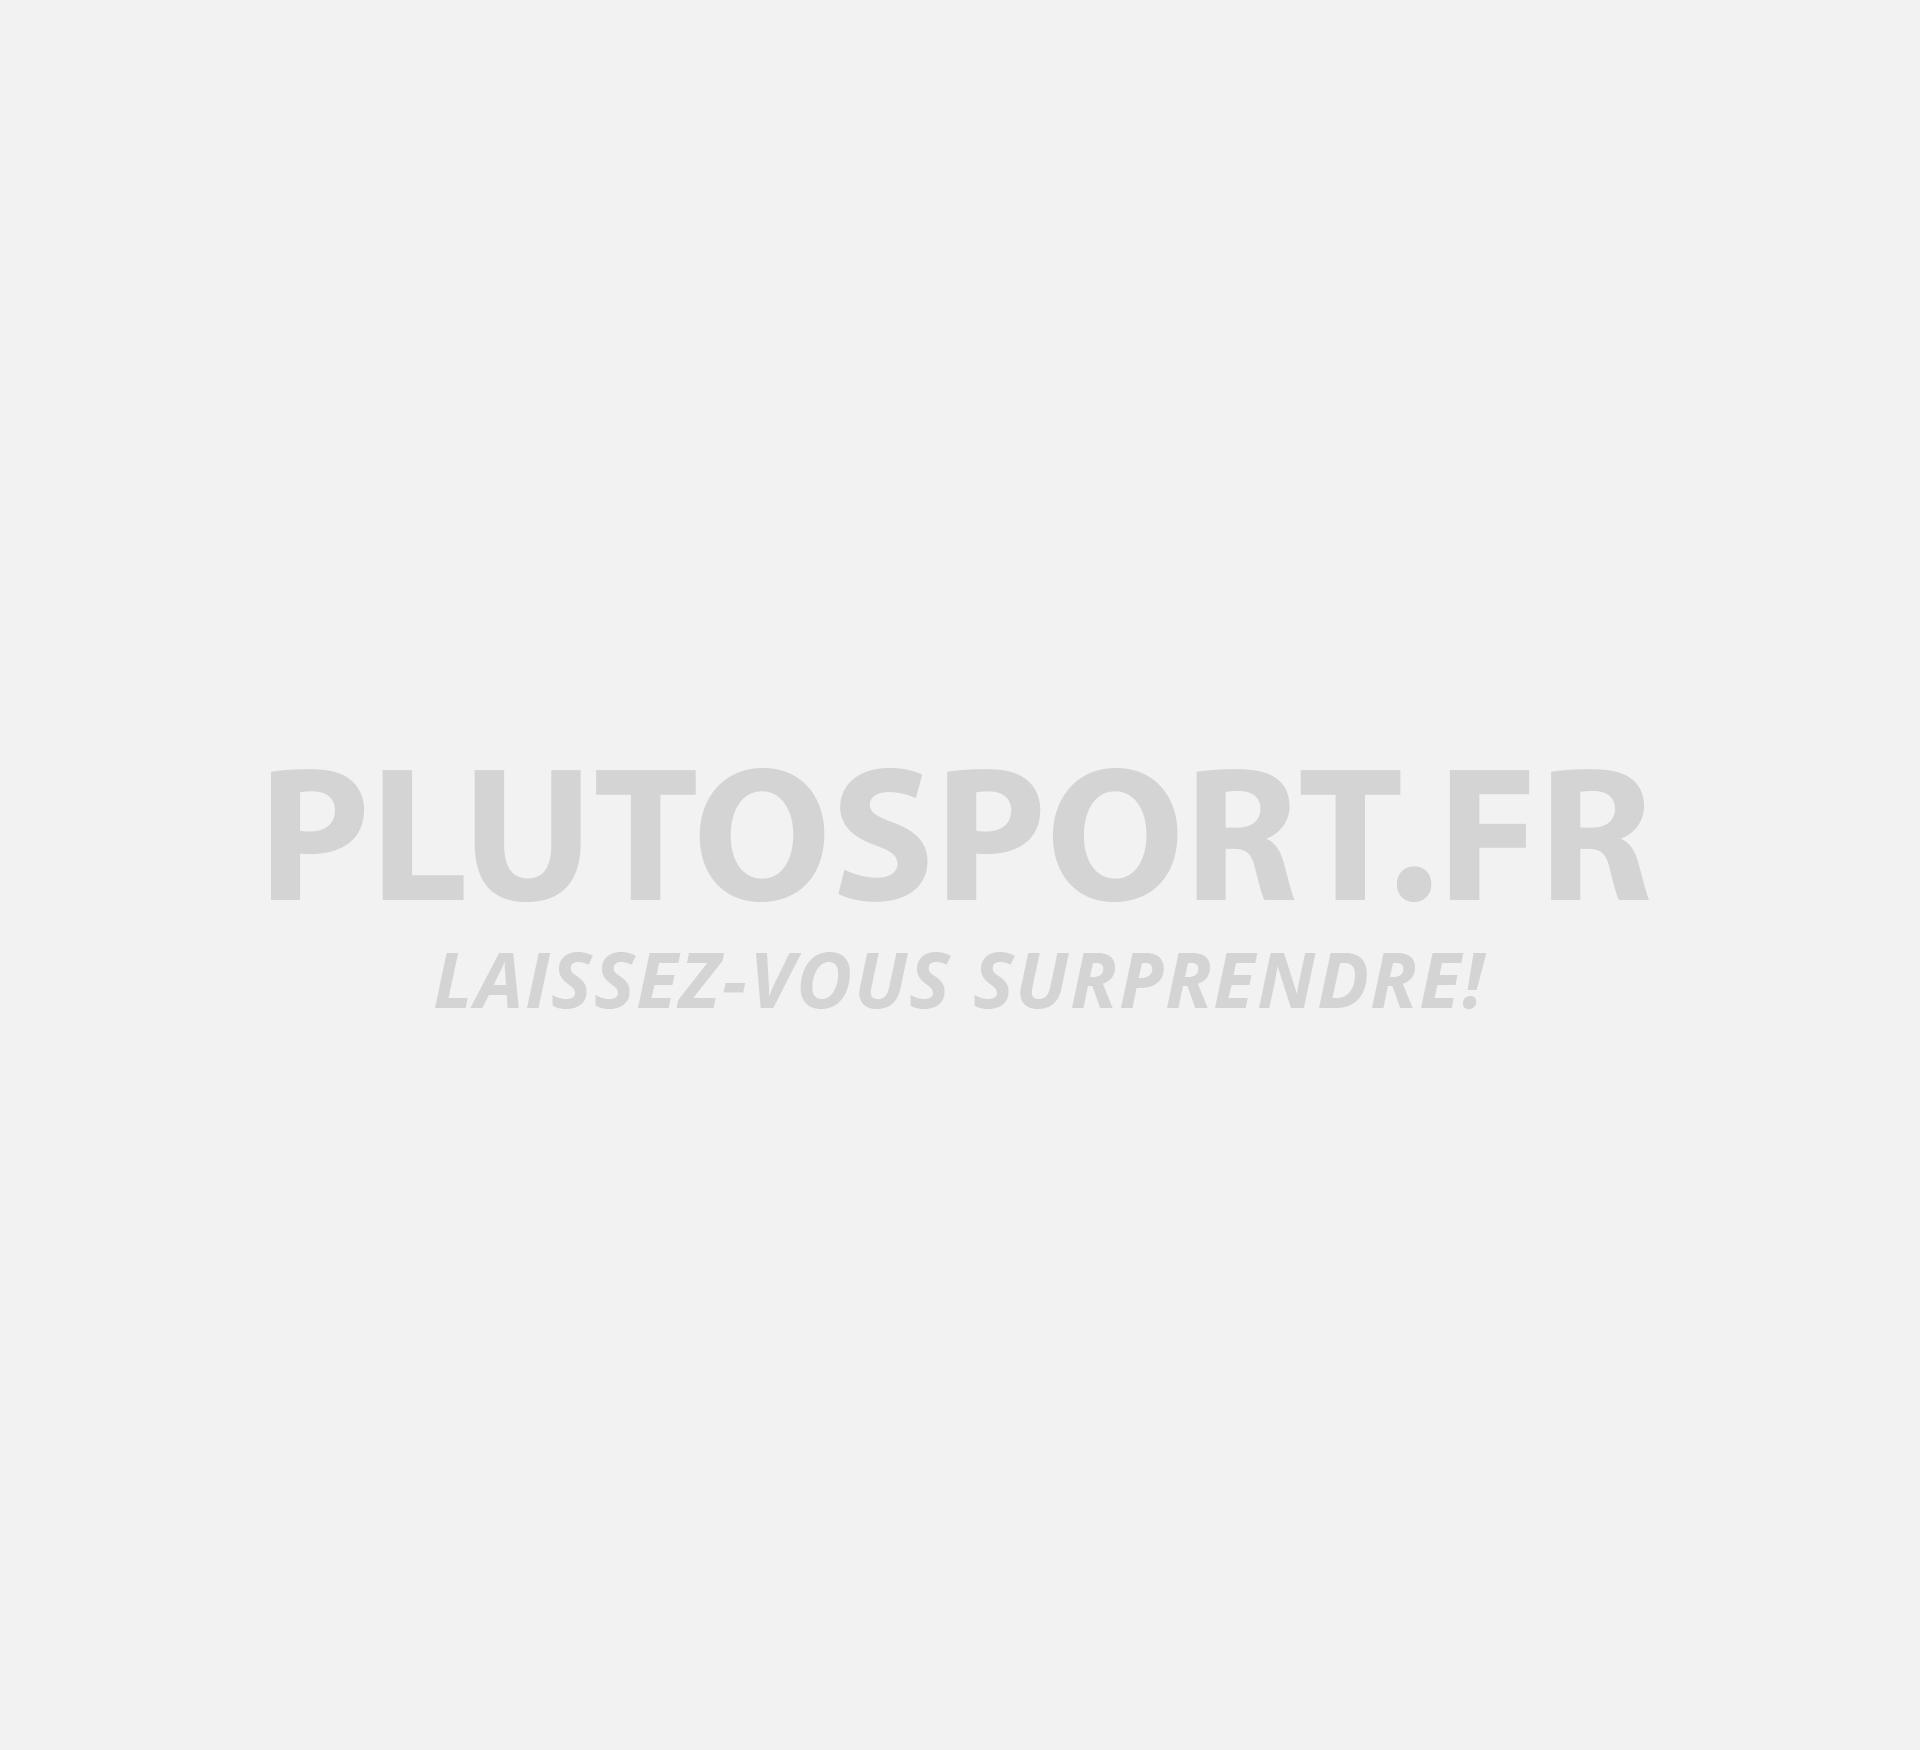 Superga 2750 Cotu Classique, baskets pour femmes